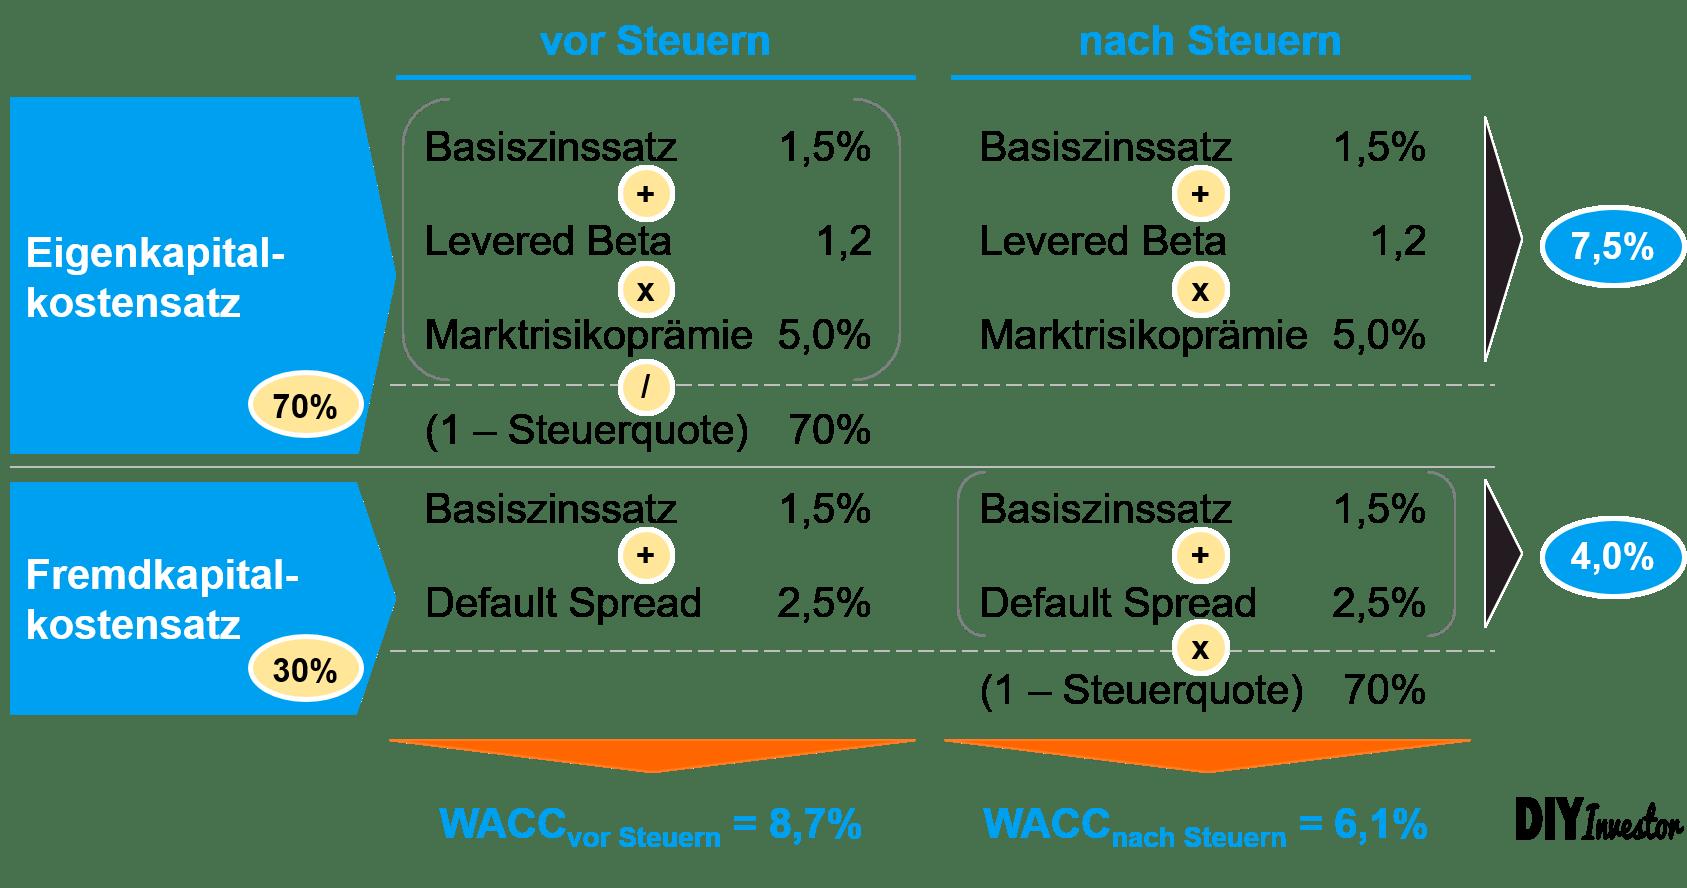 WACC vor Steuern versus WACC nach Steuern